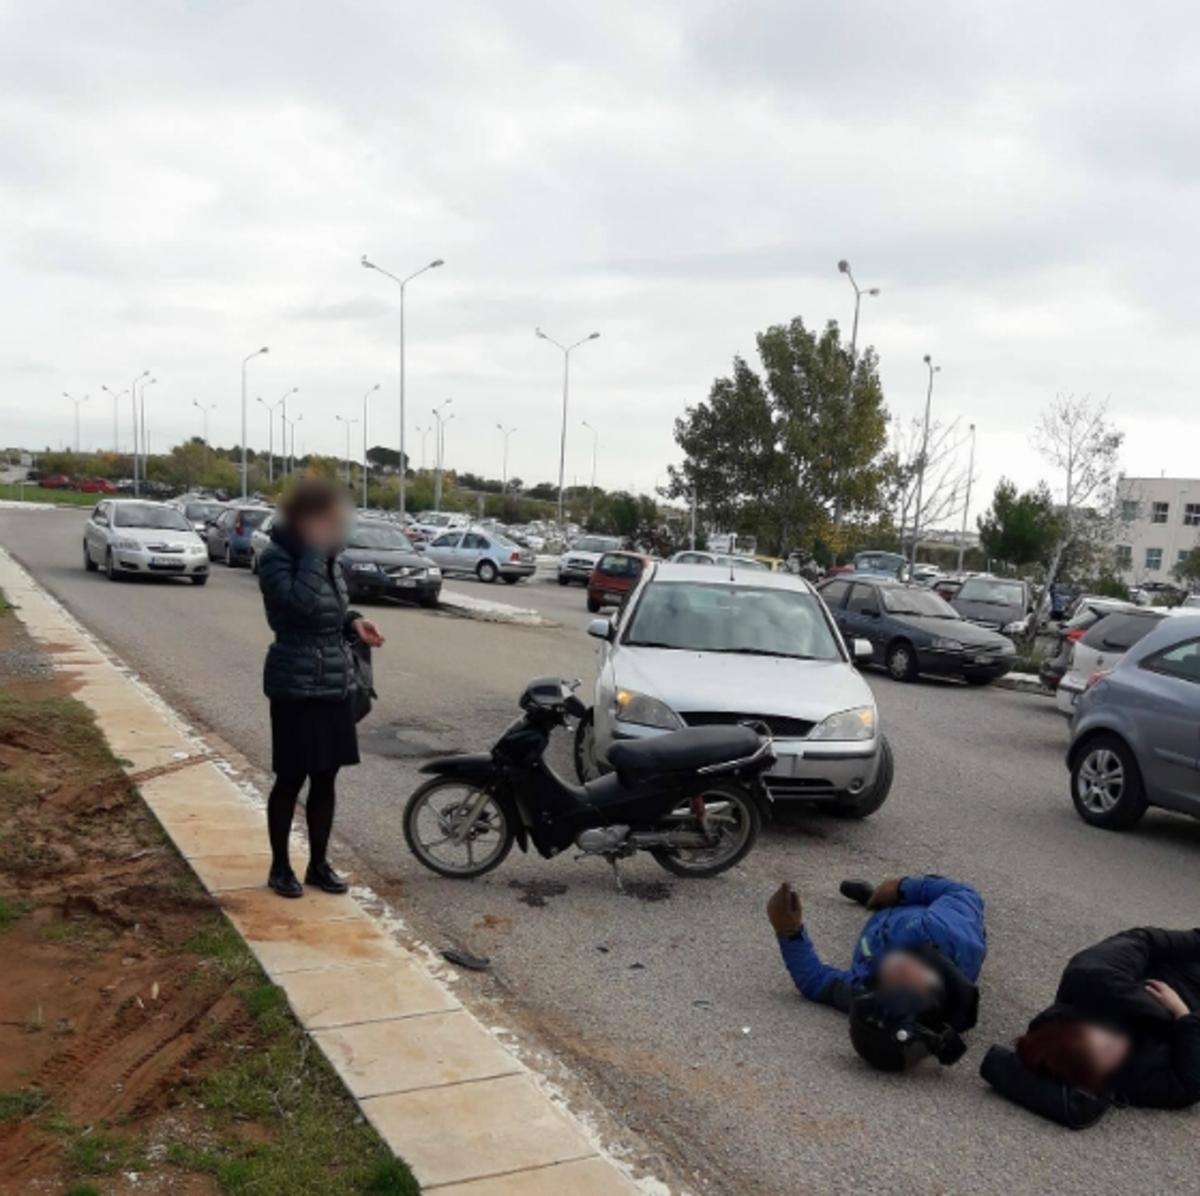 Αλεξανδρούπολη: Τράκαραν στο προαύλιο του νοσοκομείου και περίμεναν το ασθενοφόρο ένα… τέταρτο! [pic] | Newsit.gr